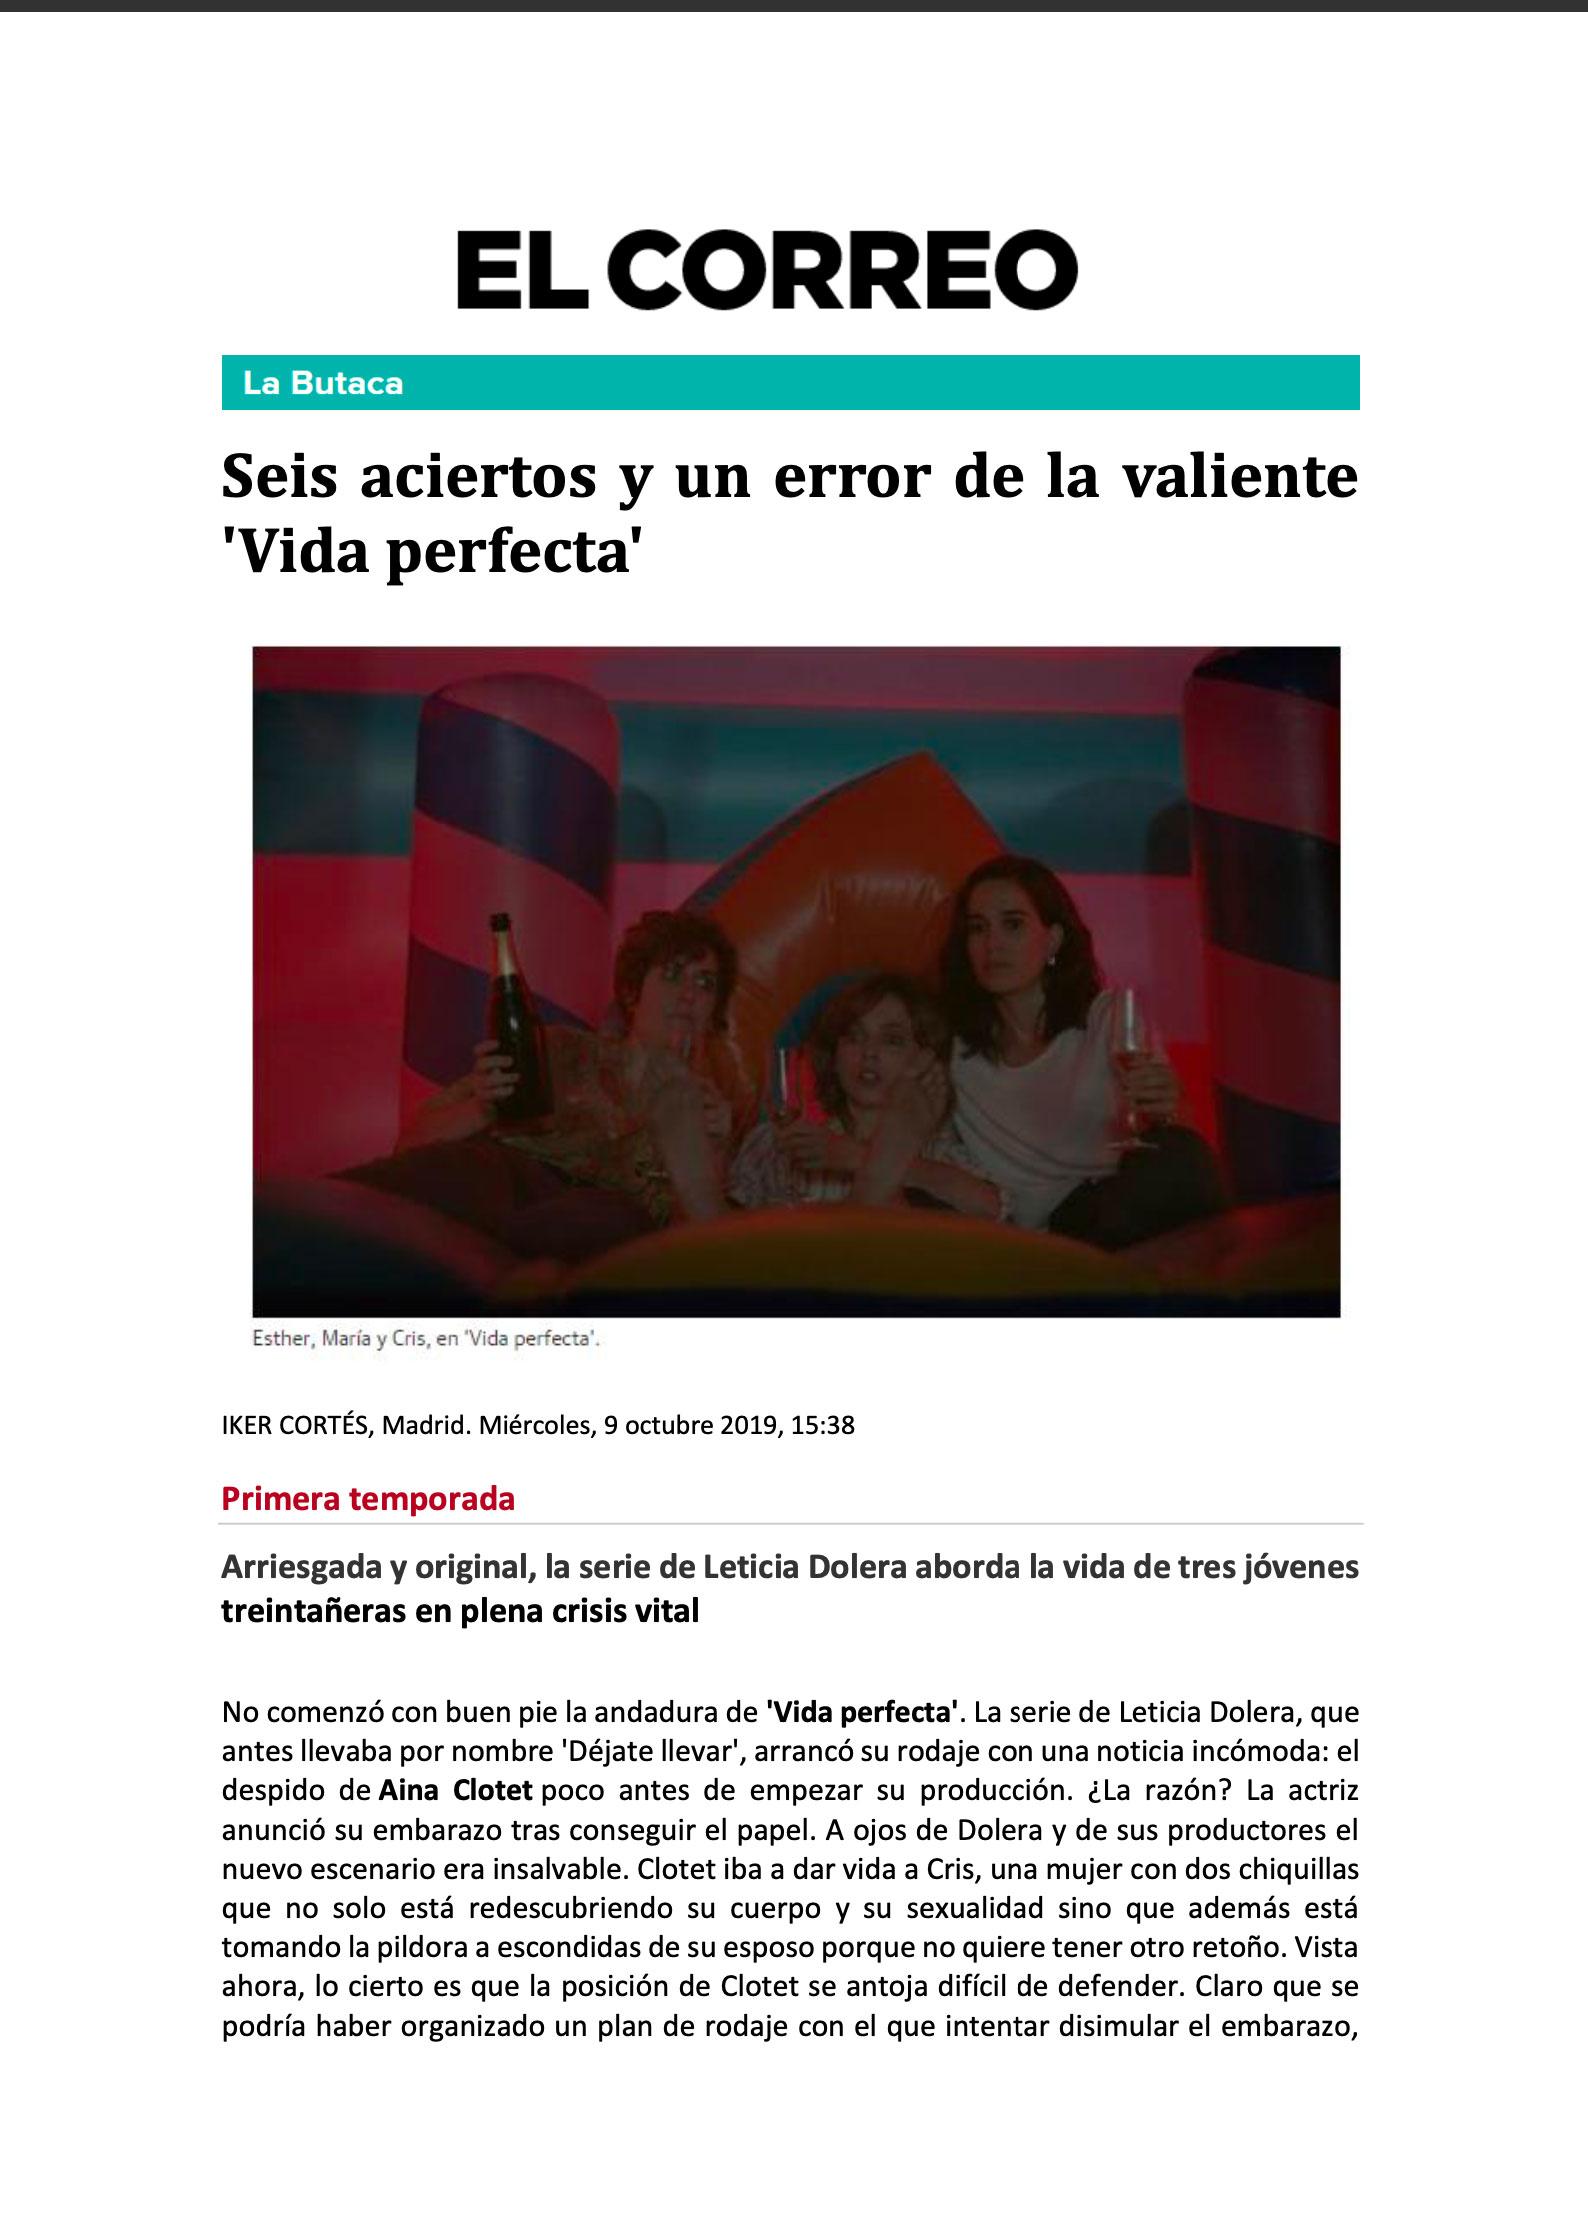 EL CORREO - Oct. 2019